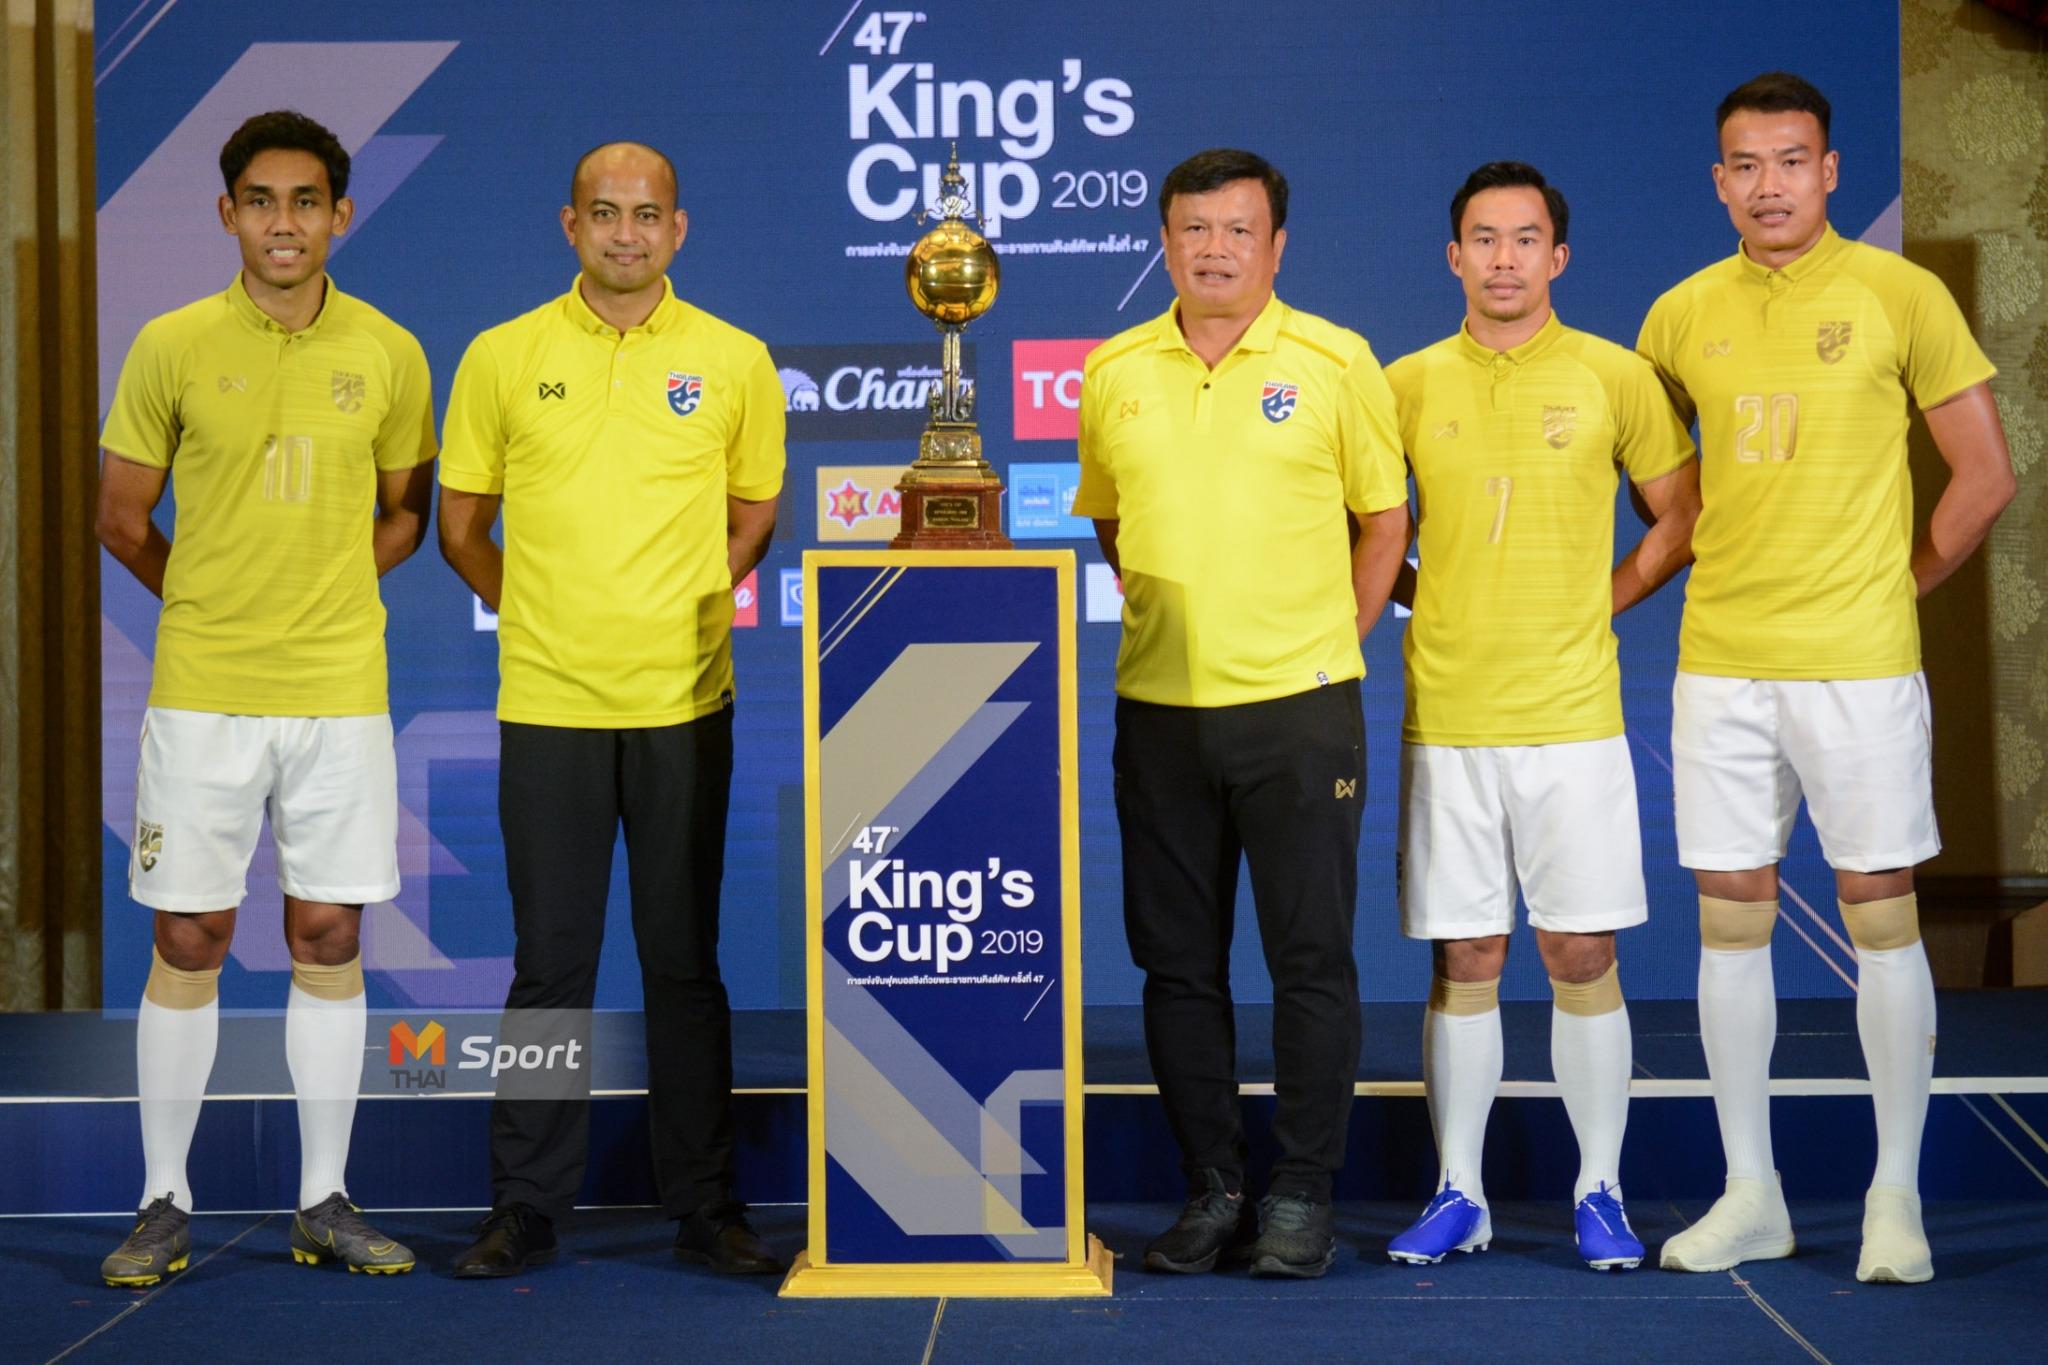 คิงส์ คัพ คิงส์คัพ 2019 ทีมชาติไทย ศิริศักดิ์ ยอดญาติไทย